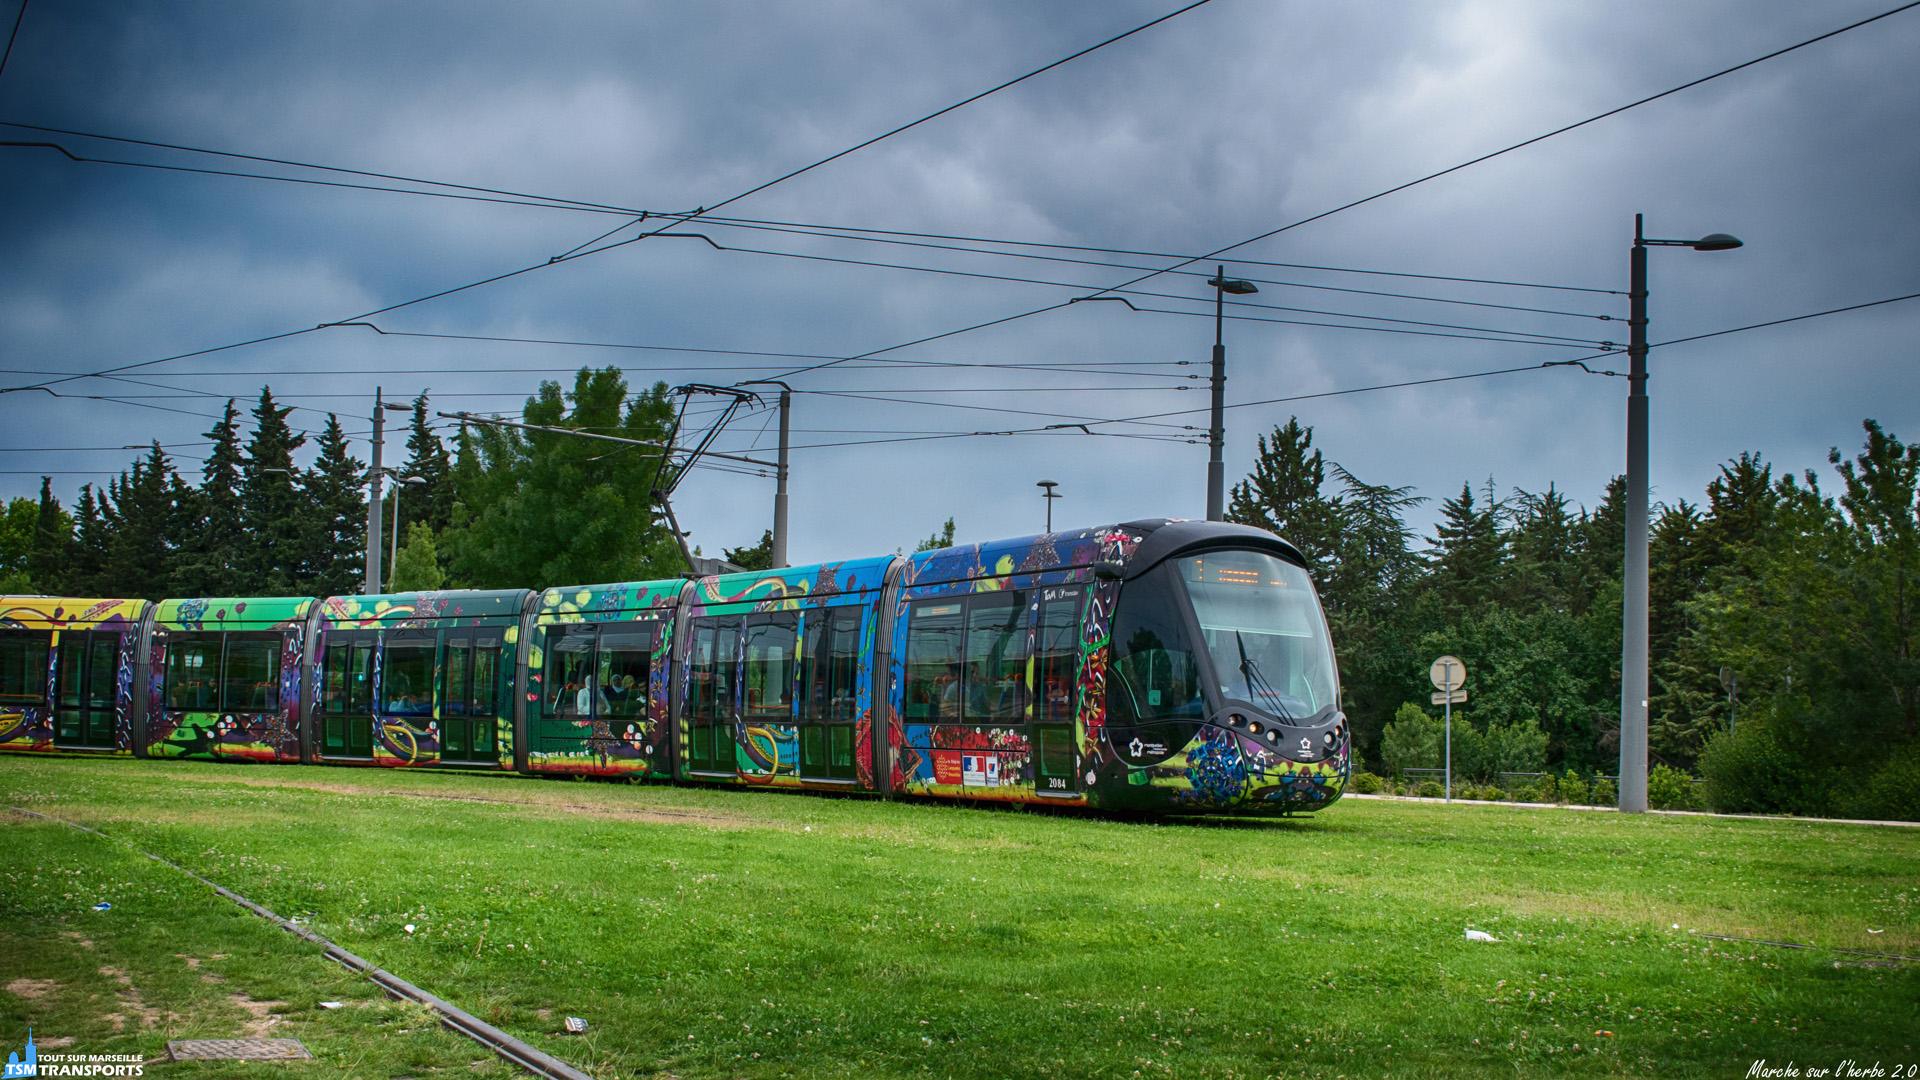 Arrivée tout en finesse pour les rames Citadis du réseau Montpelliérain, sur l'herbe verte de la station Mosson, ce tram de la ligne T3 s'apprête à effectuer son terminus sur la voie centrale et devant un buttoir minimaliste. . ℹ️ Alstom Citadis 402 Tam n°2084. . 📍 Rue Peter Benenson, 34080 Montpellier. . ↔️ T3 : Lattes Centre - Mosson. . 📸 Nikon D5600. . 📷 Nikkor 18-55mm. . 📅 9 Juin 2019 à 16:58.